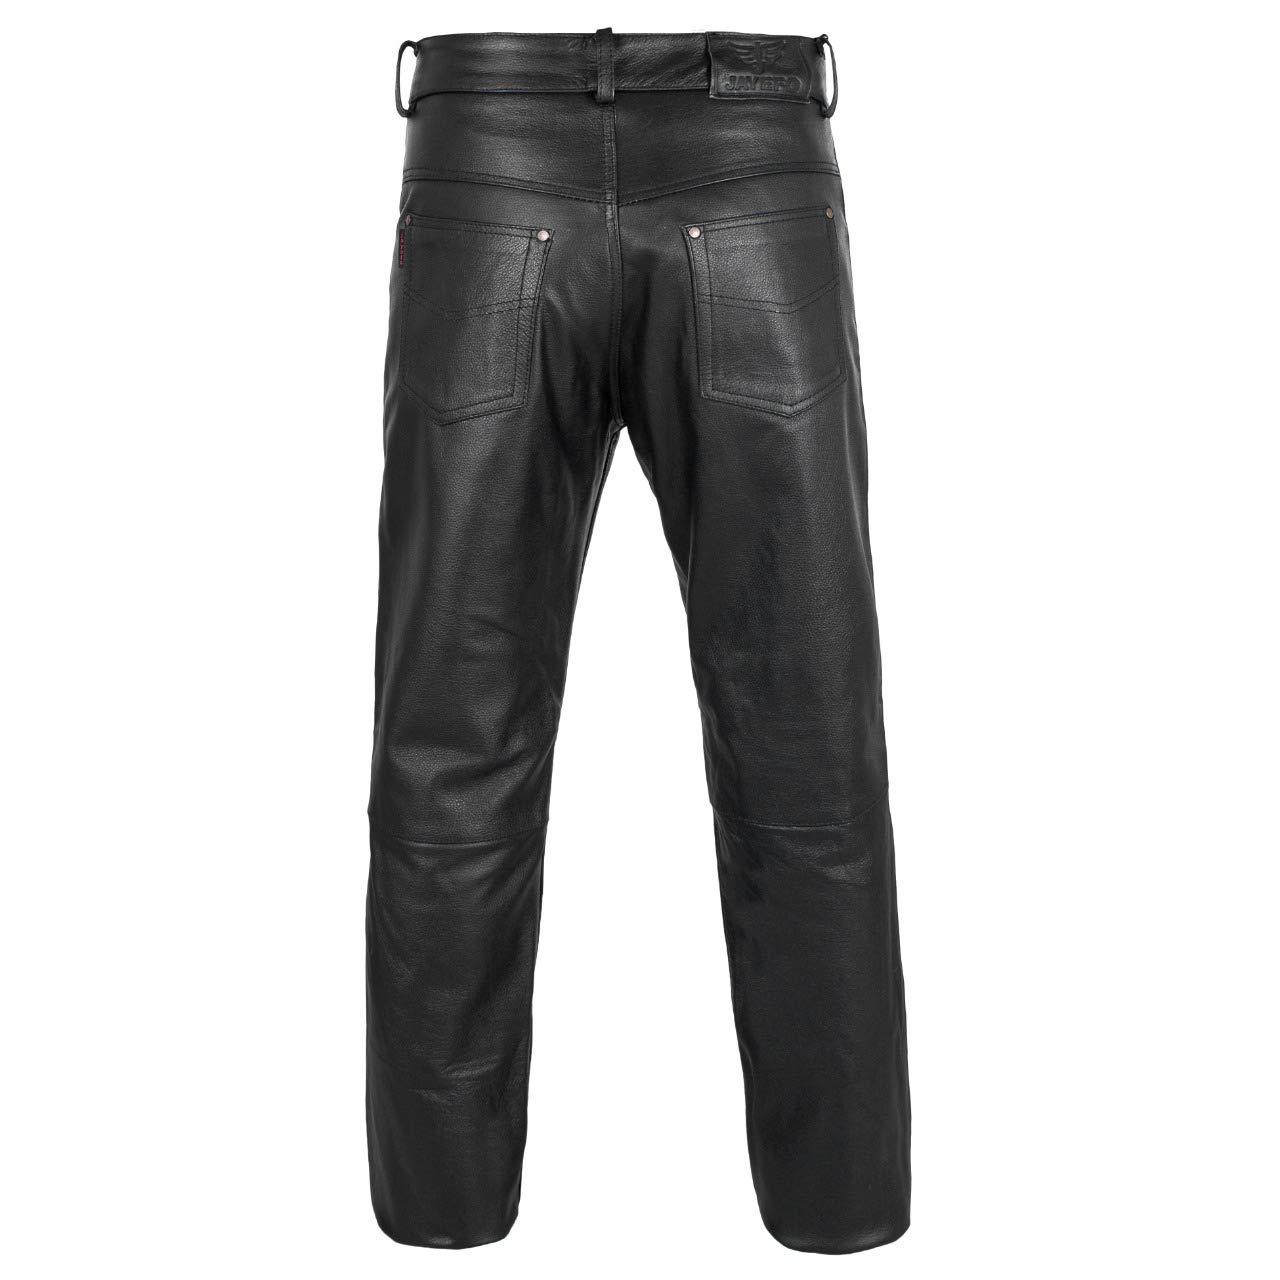 JAYEFO LEATHER MOTORCYCLE PANT BLACK, WAIST//30